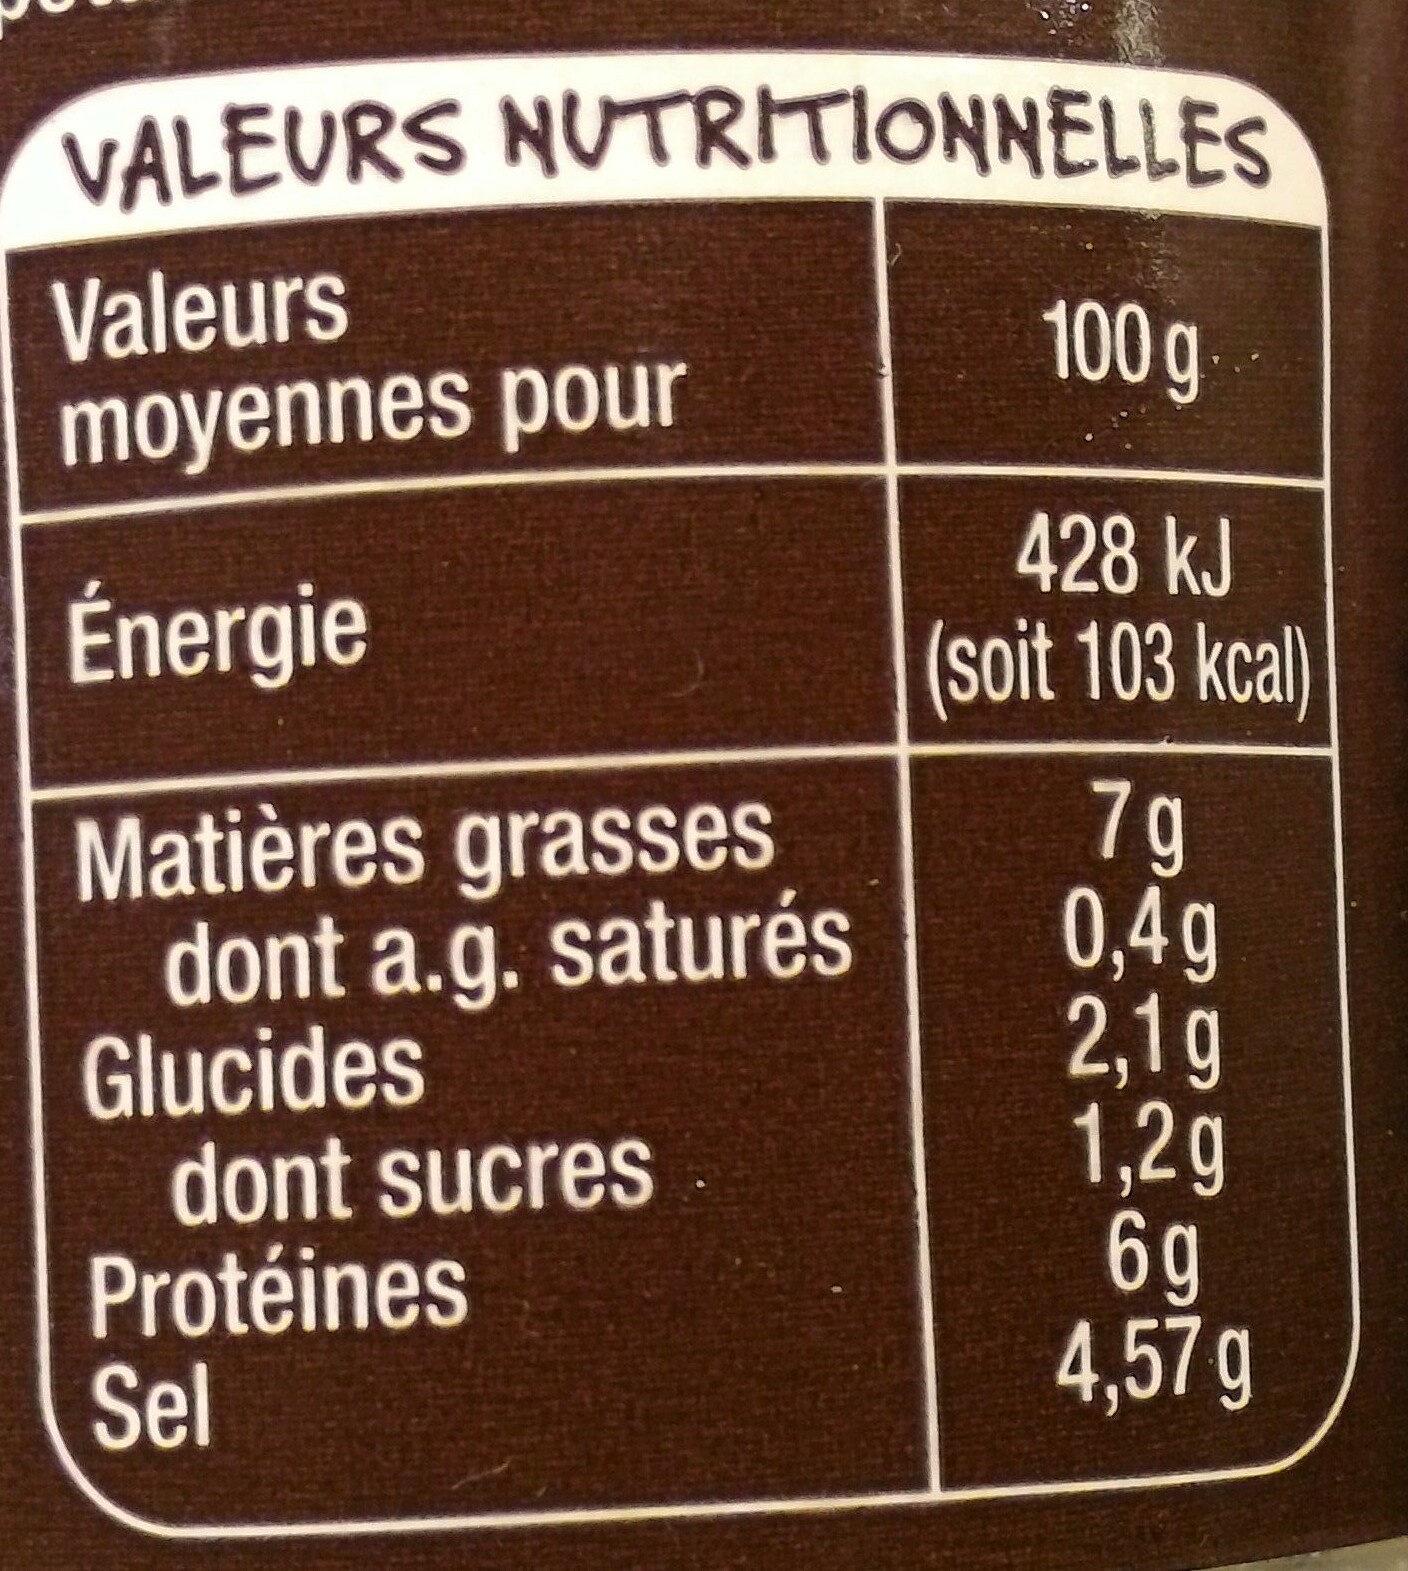 Moutarde estragon - Informations nutritionnelles